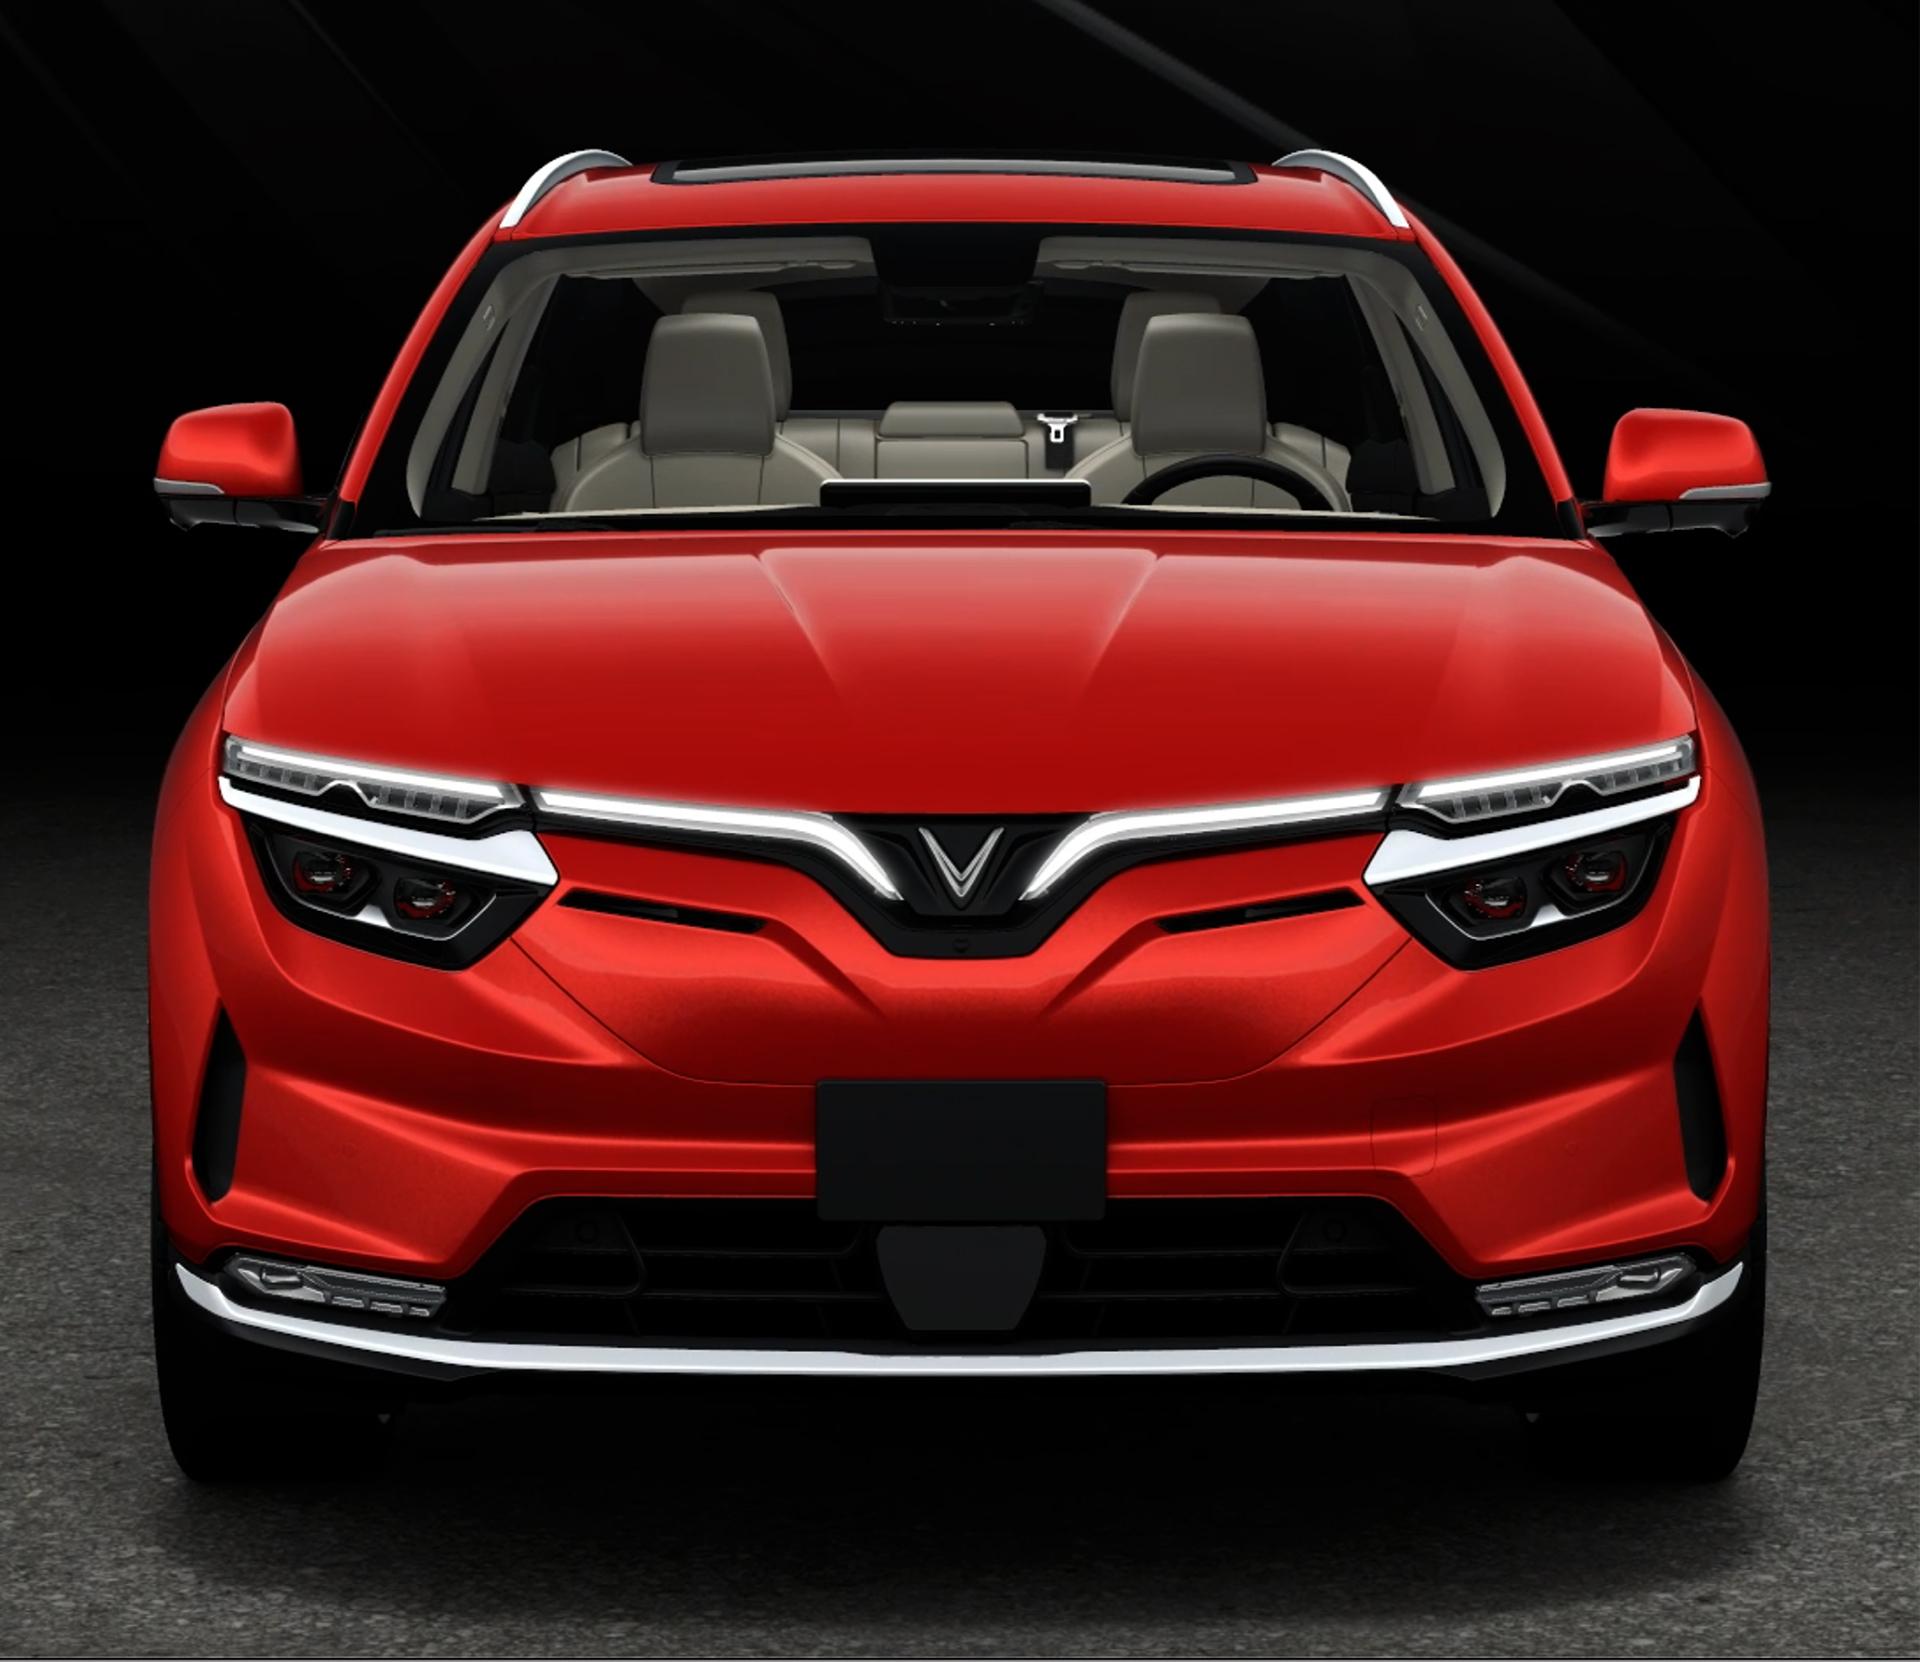 VinFast ra mắt 3 dòng ô tô điện tự lái - Khẳng định tầm nhìn trở thành hãng xe điện thông minh toàn cầu 5